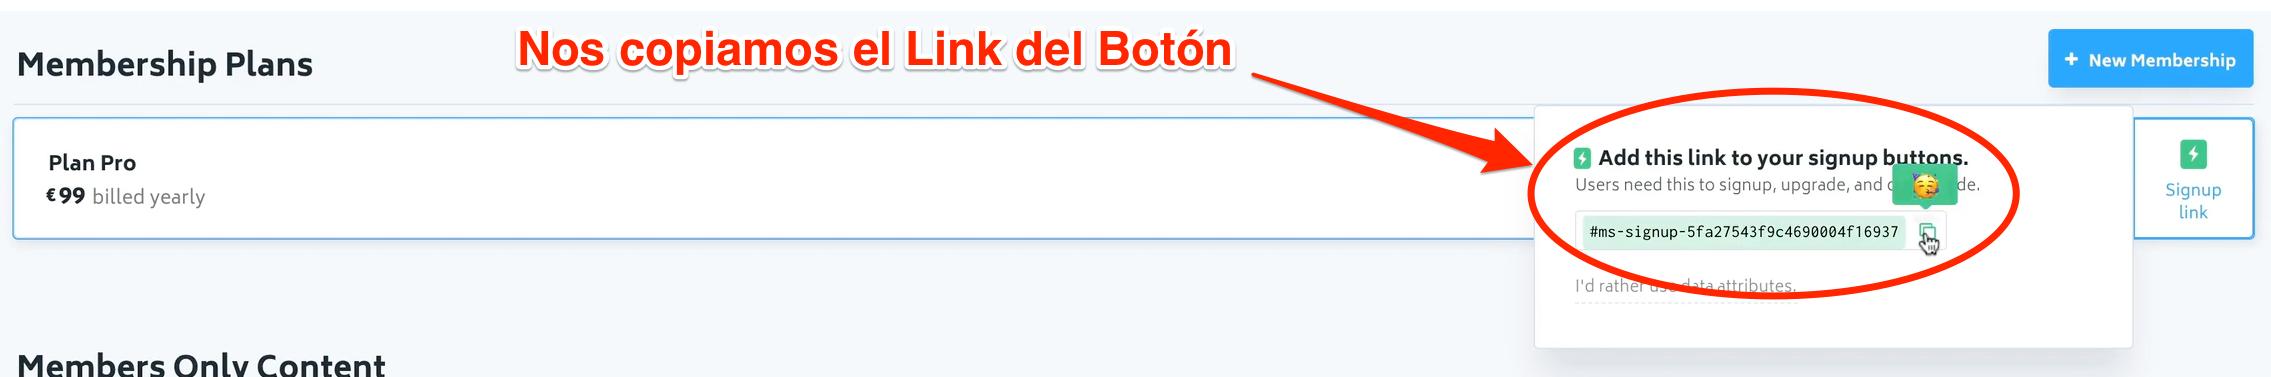 Link Botón Memberstack